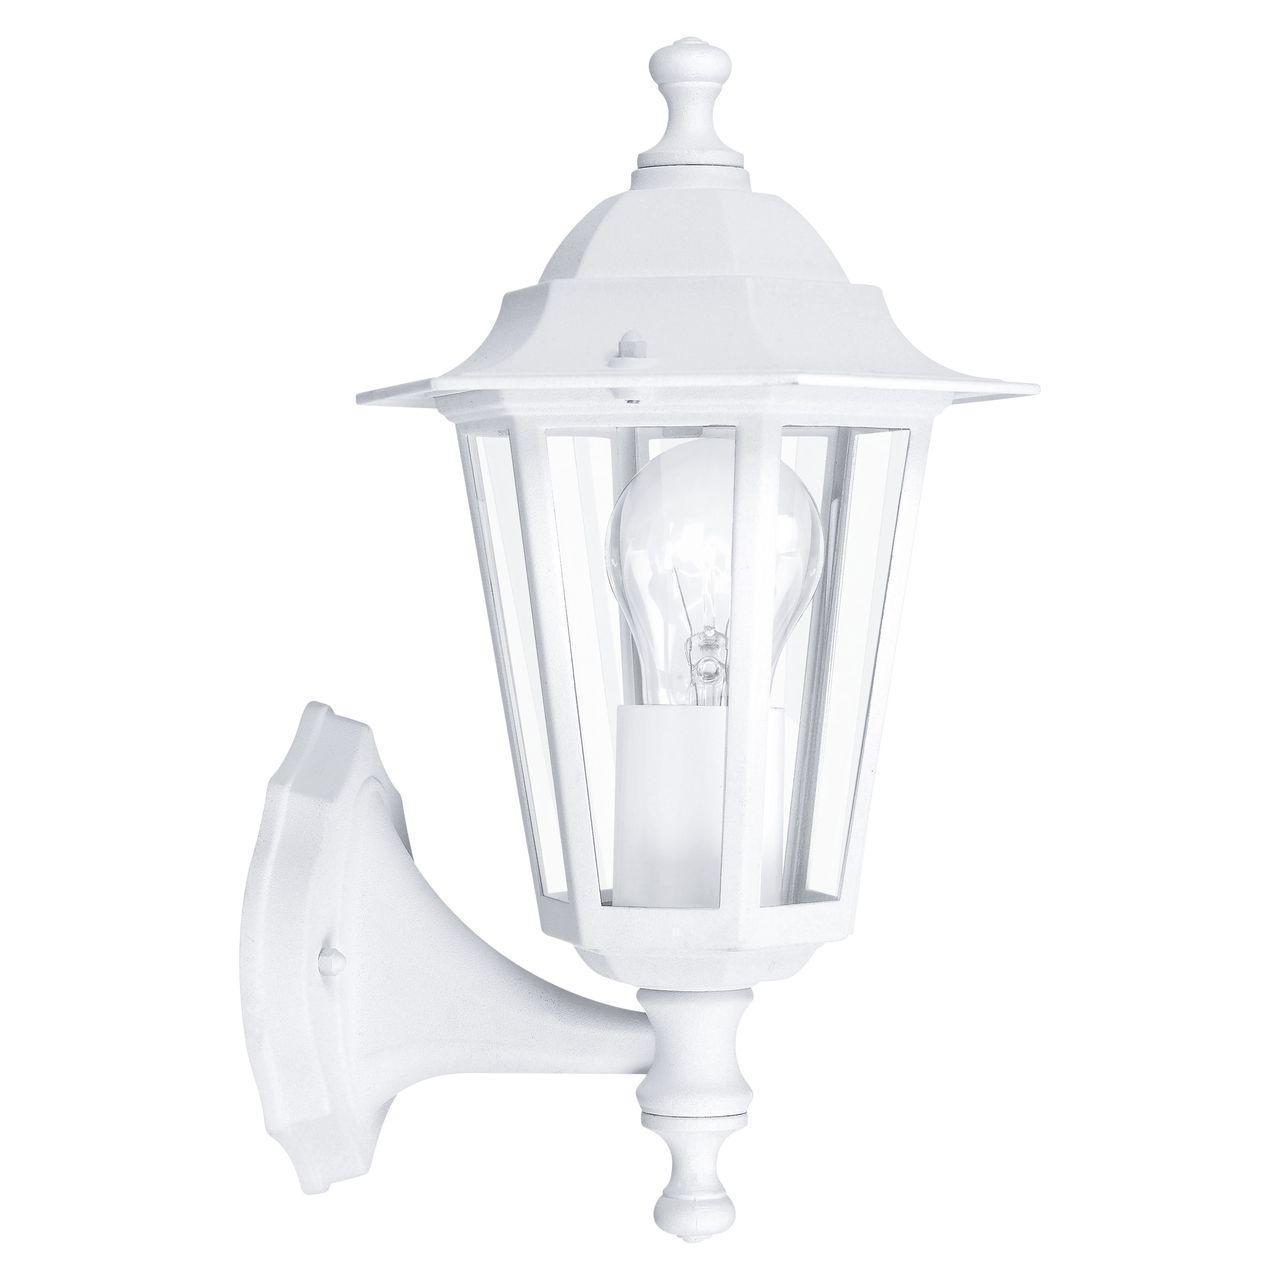 Уличный настенный светильник Eglo Laterna 4 22463 уличный настенный светильник eglo laterna 4 22463